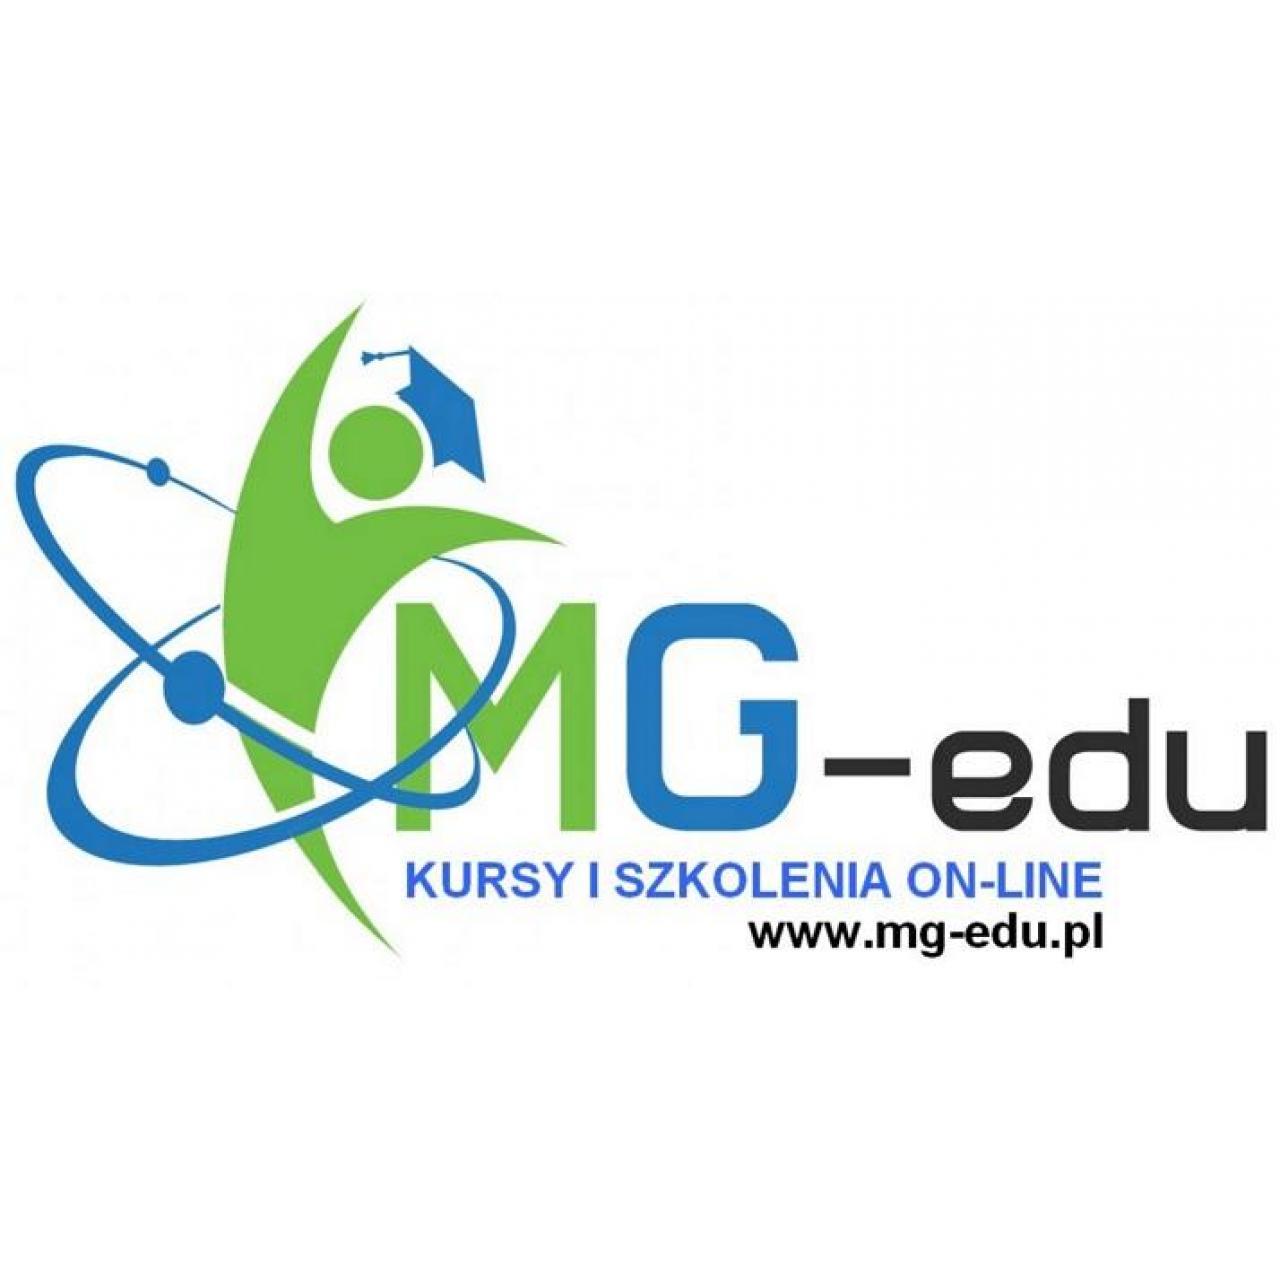 Specjallista ds.szkoleń - certyfikowany kurs online